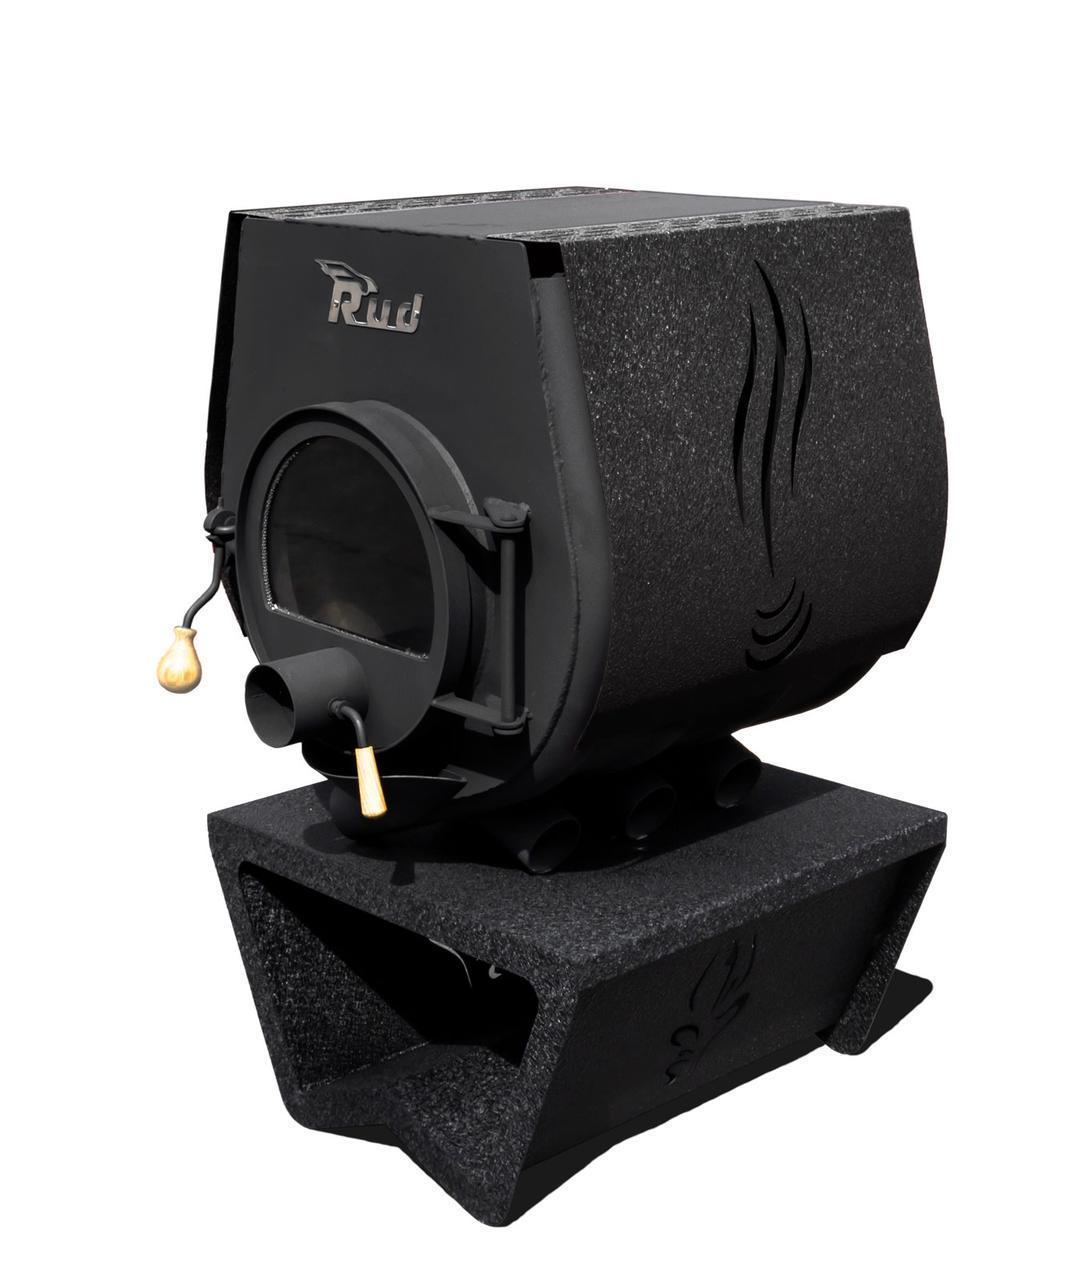 Булерьян, отопительная печь Rud Pyrotron Кантри 01 с варочной поверхностью Обшивка декоративная (черная)